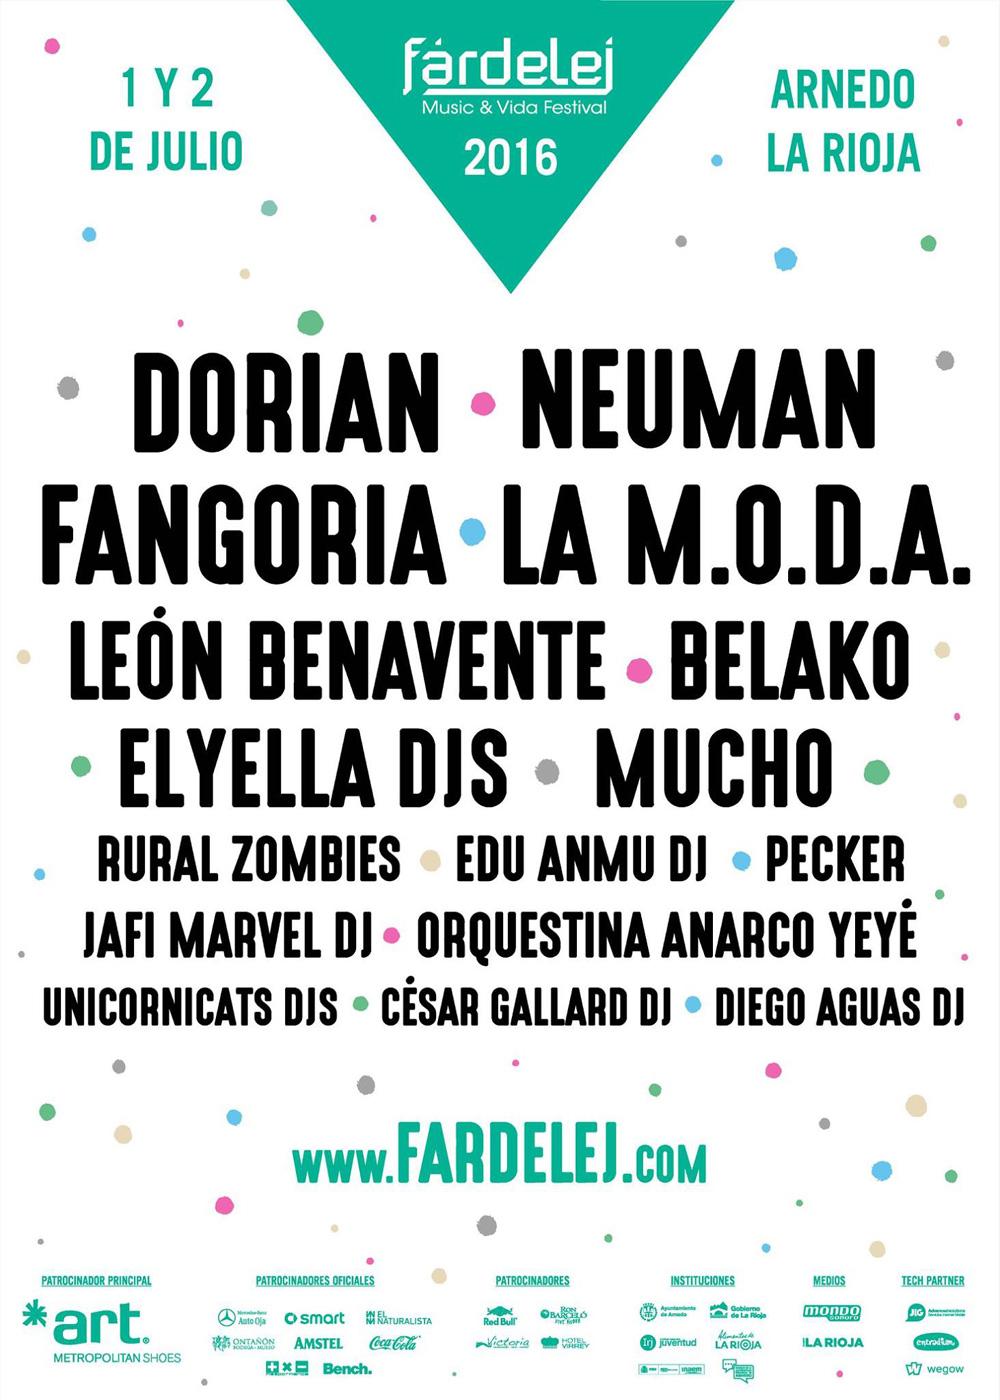 Cartel musical completo de la edición 2016 del Festival Fárdelej